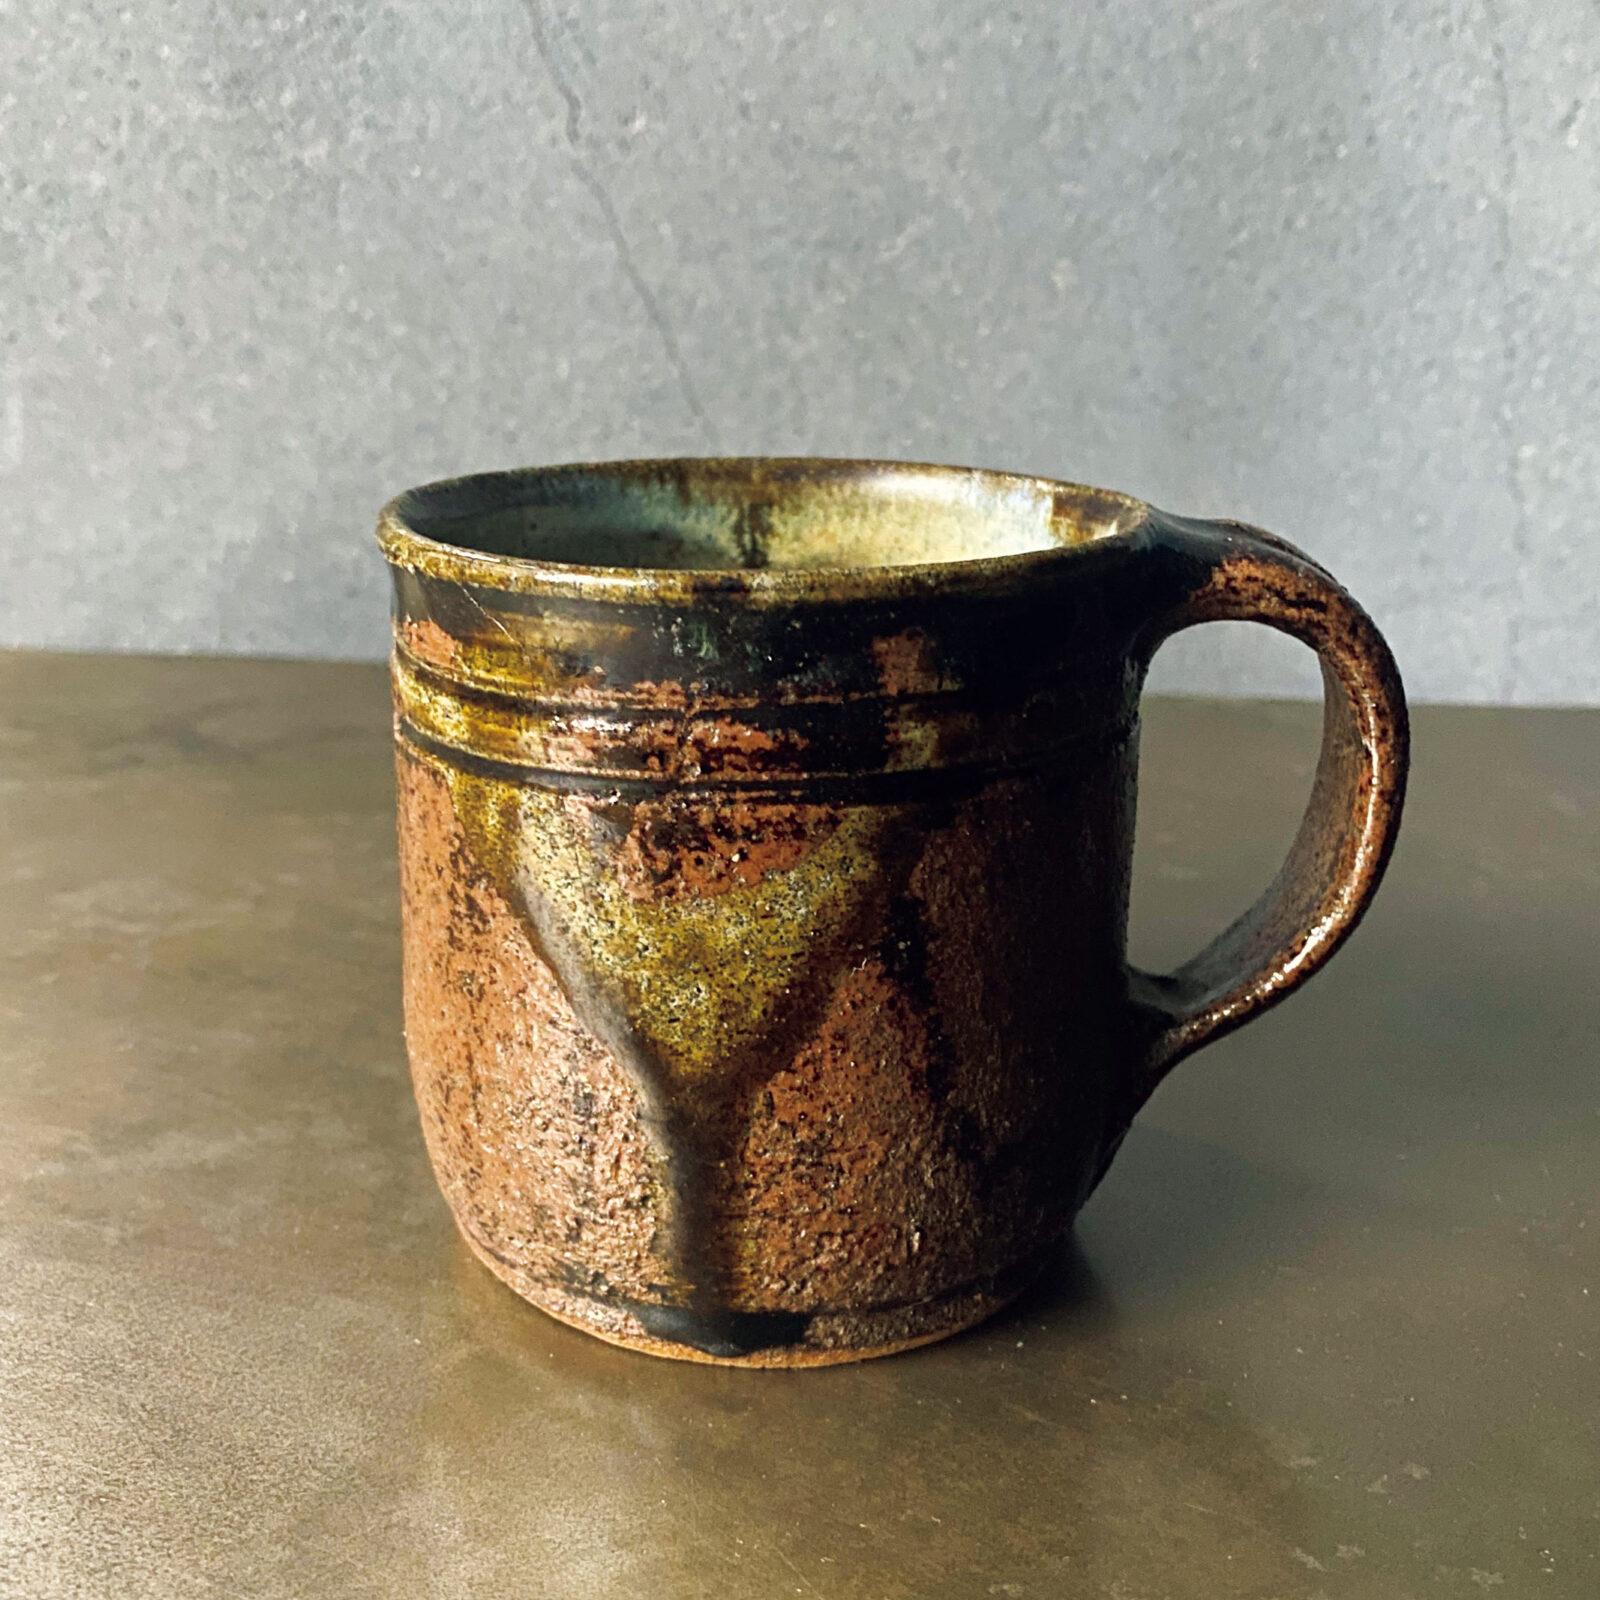 小林和人(〈Roundabout〉〈OUTBOUND〉店主)宮城県栗駒にて昔ながらの技法で作陶を続ける鈴木照雄さんの作。どろっと溶けた釉が作る景色の豊かさはもちろん、洗練された形も魅力。いつまでも見ていられます。